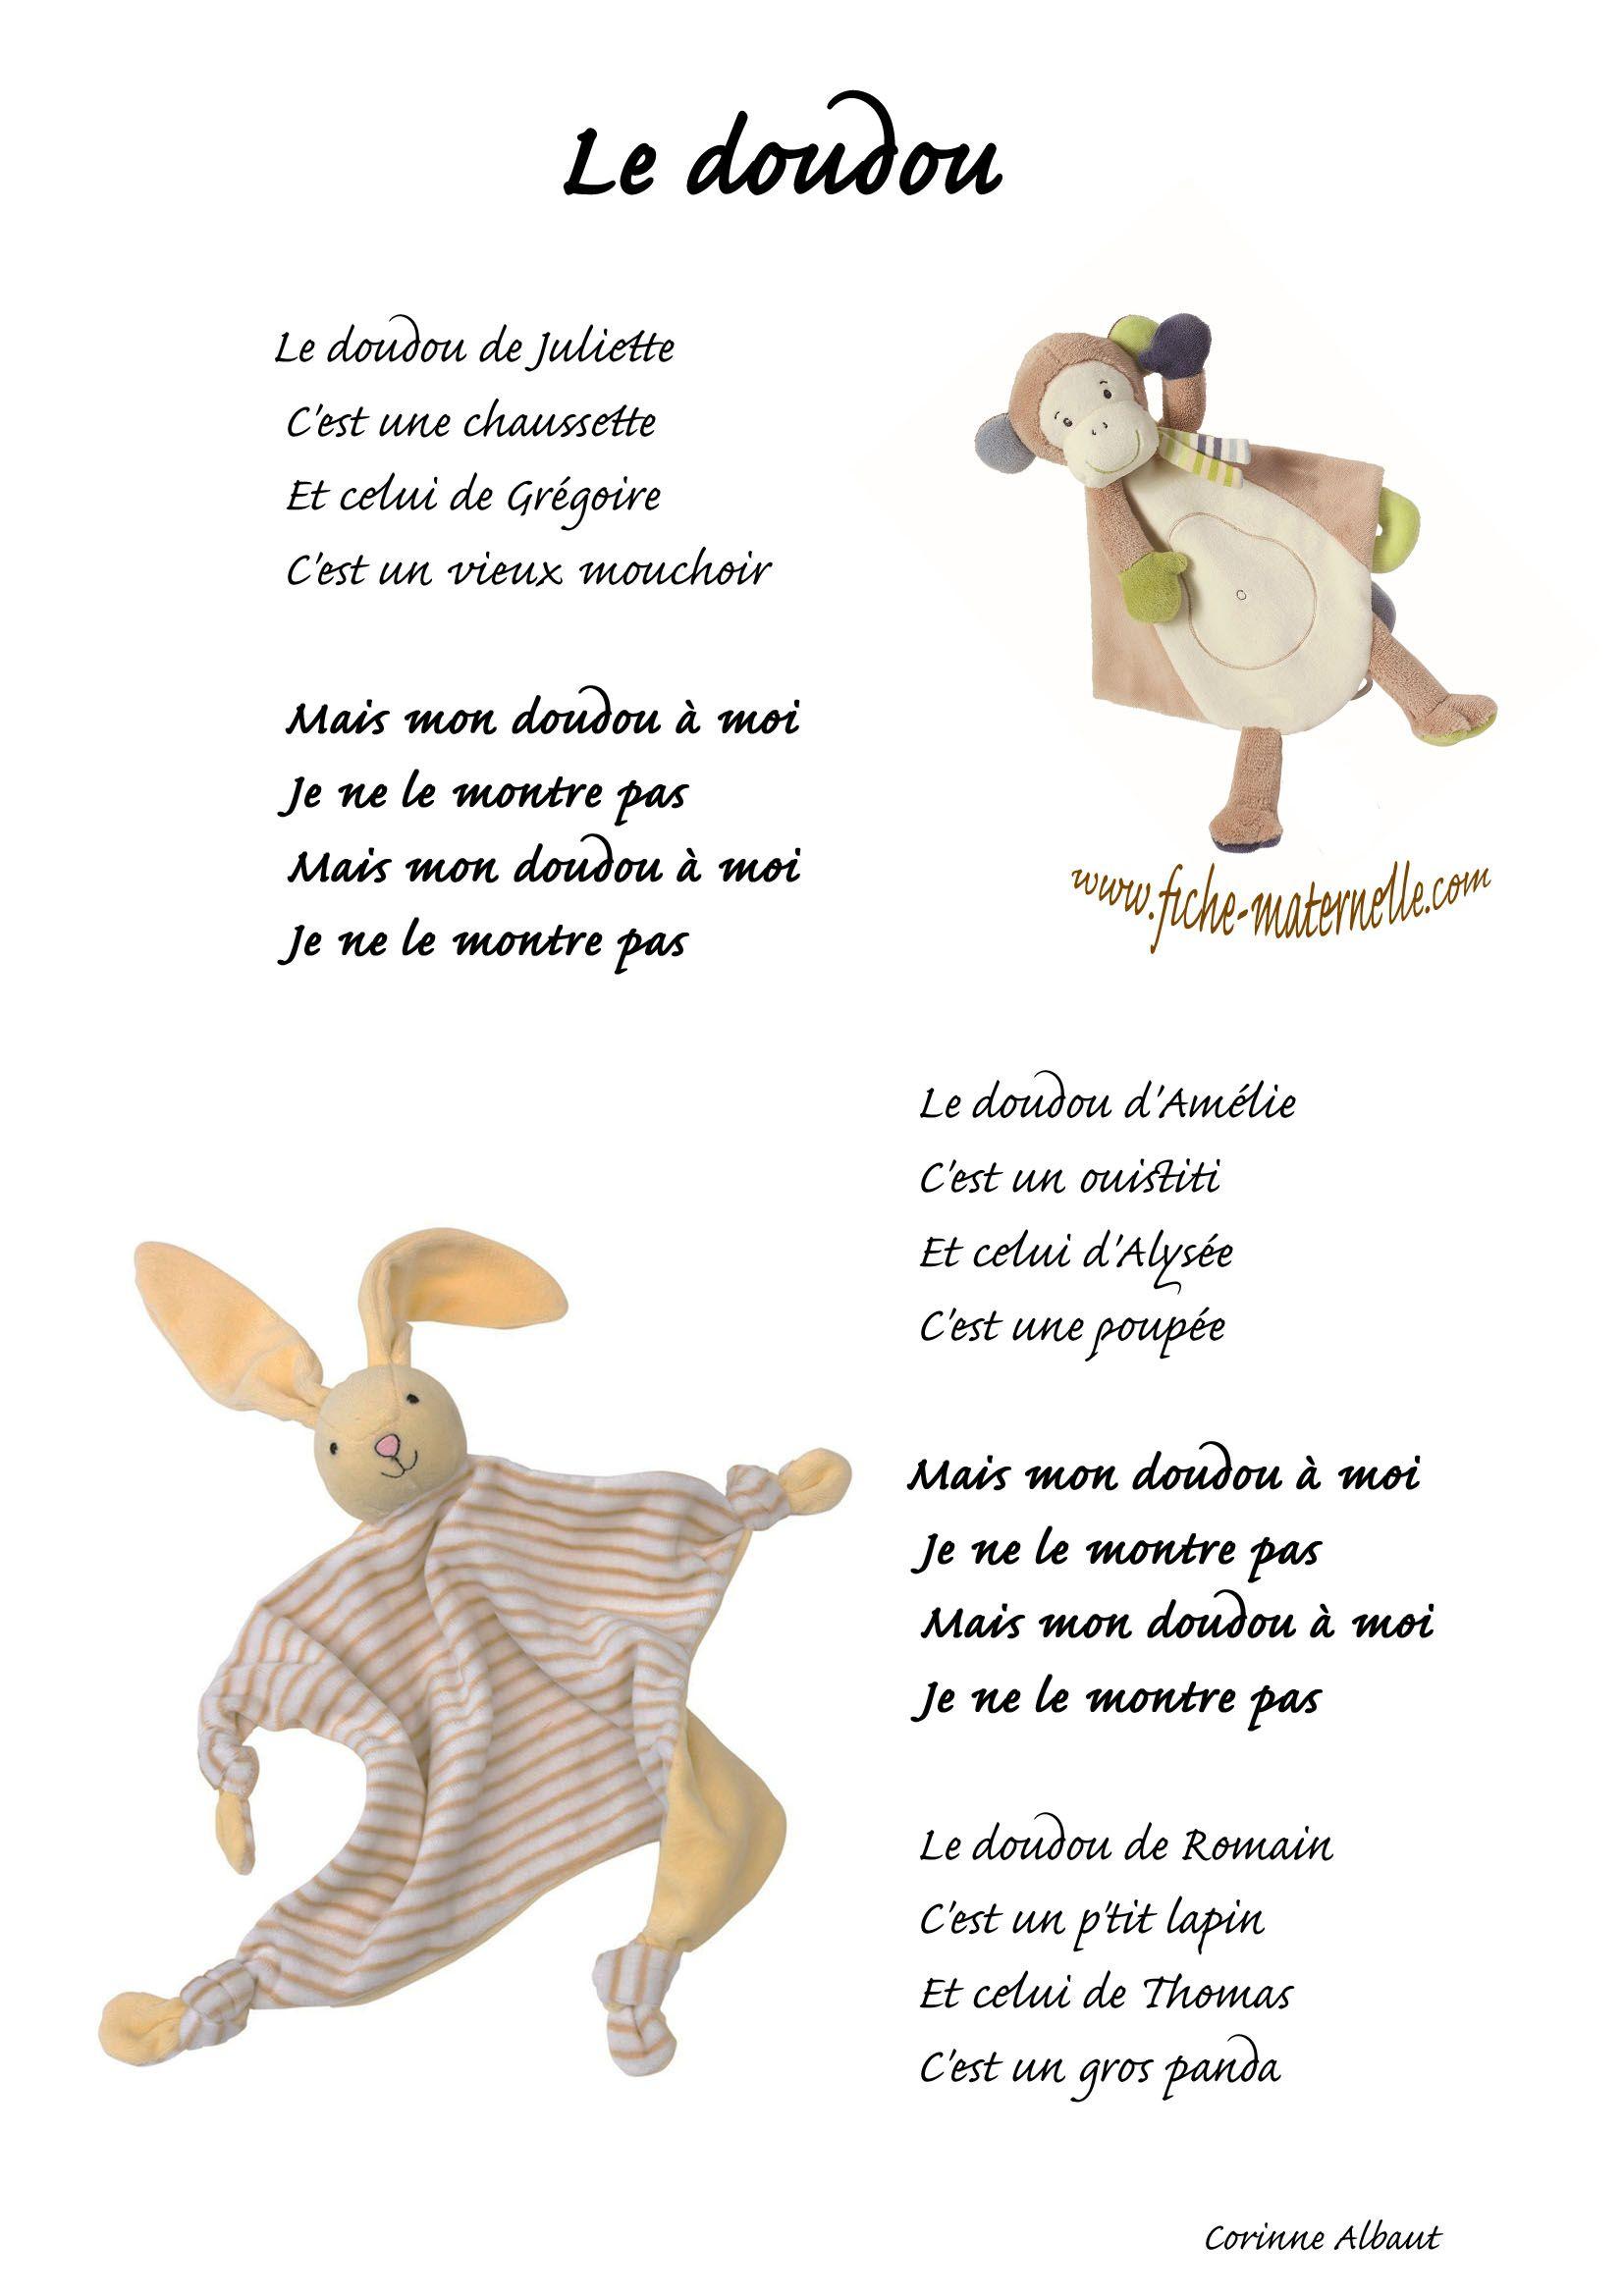 Chanson Le Doudou   Comptines, Chanson Enfantine, Comptines concernant Chanson Enfant Lapin